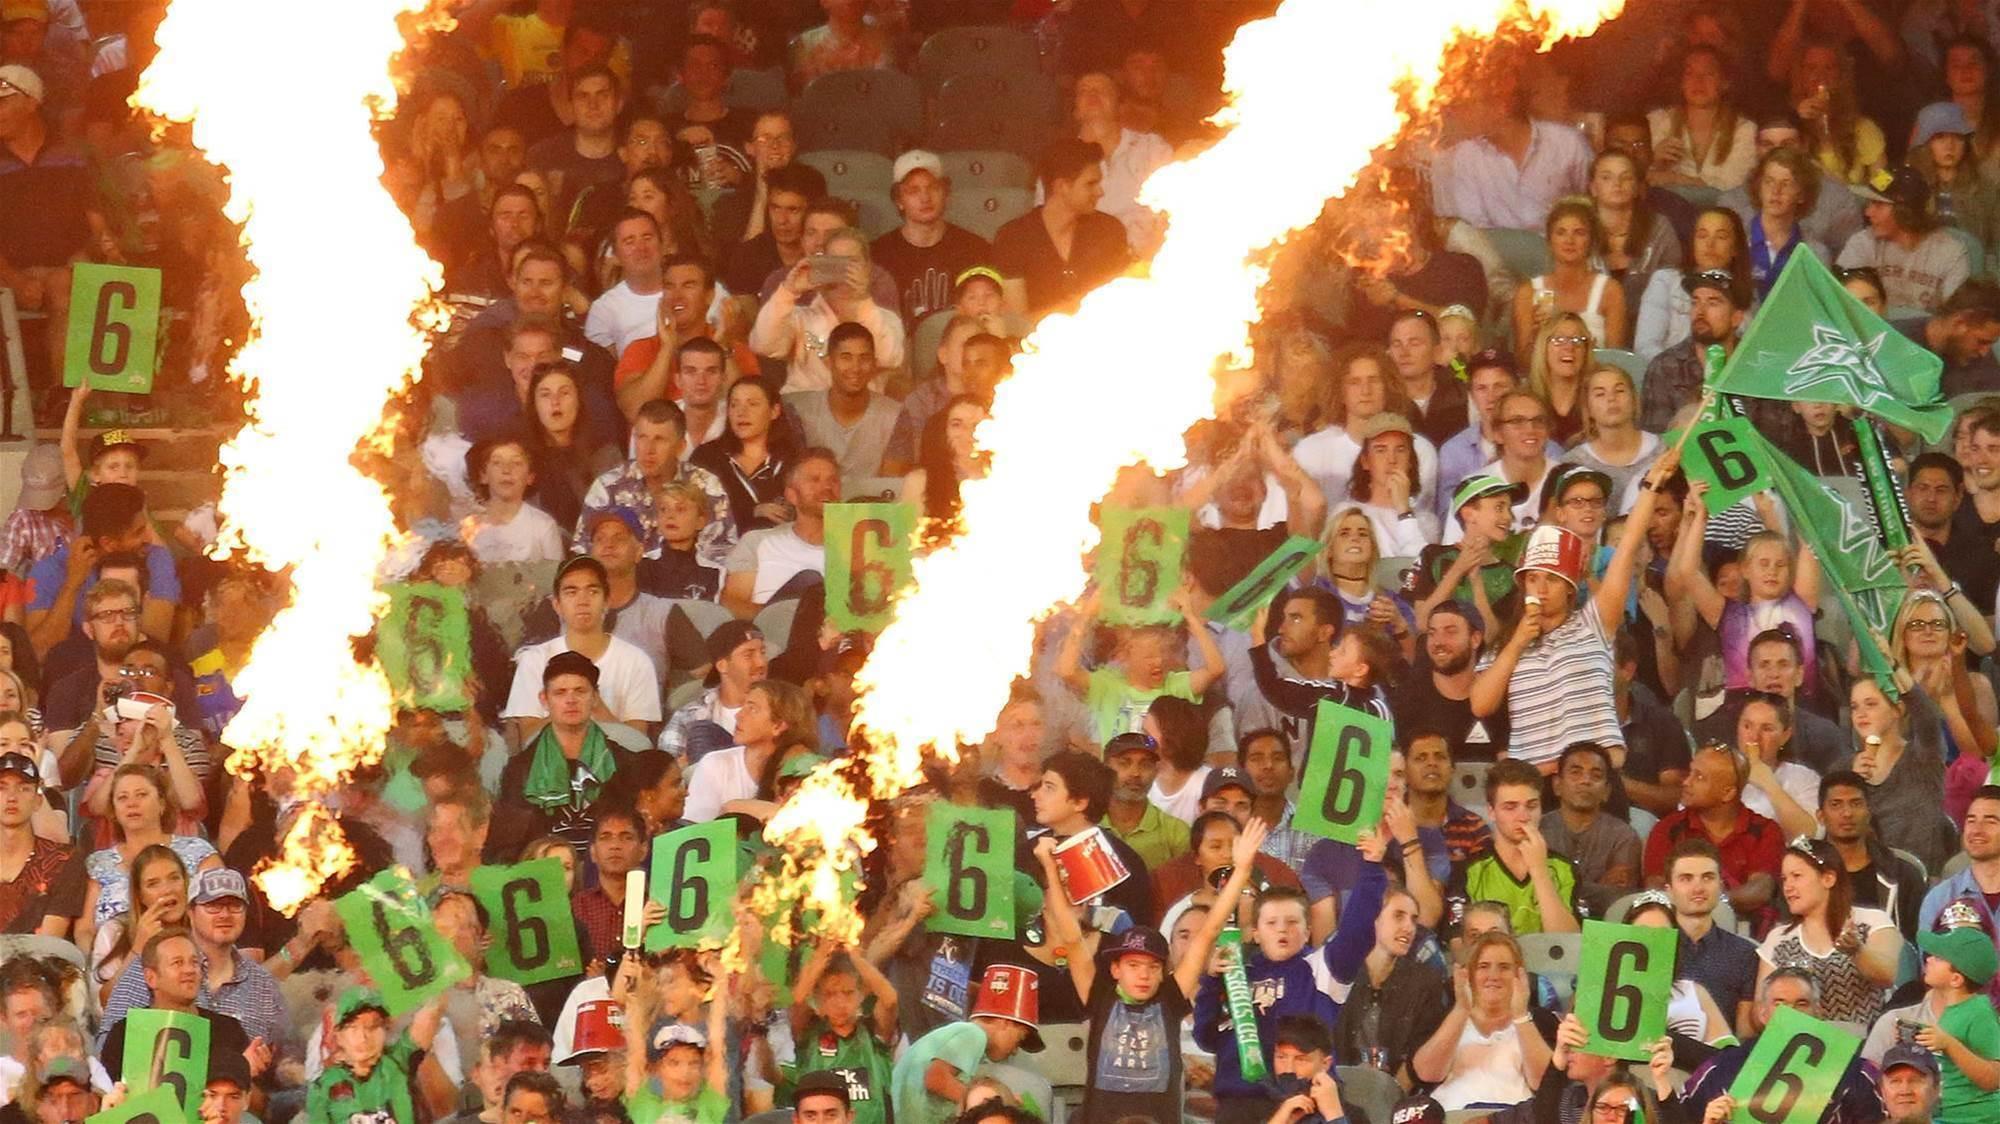 Big Bash League adds more games, venues